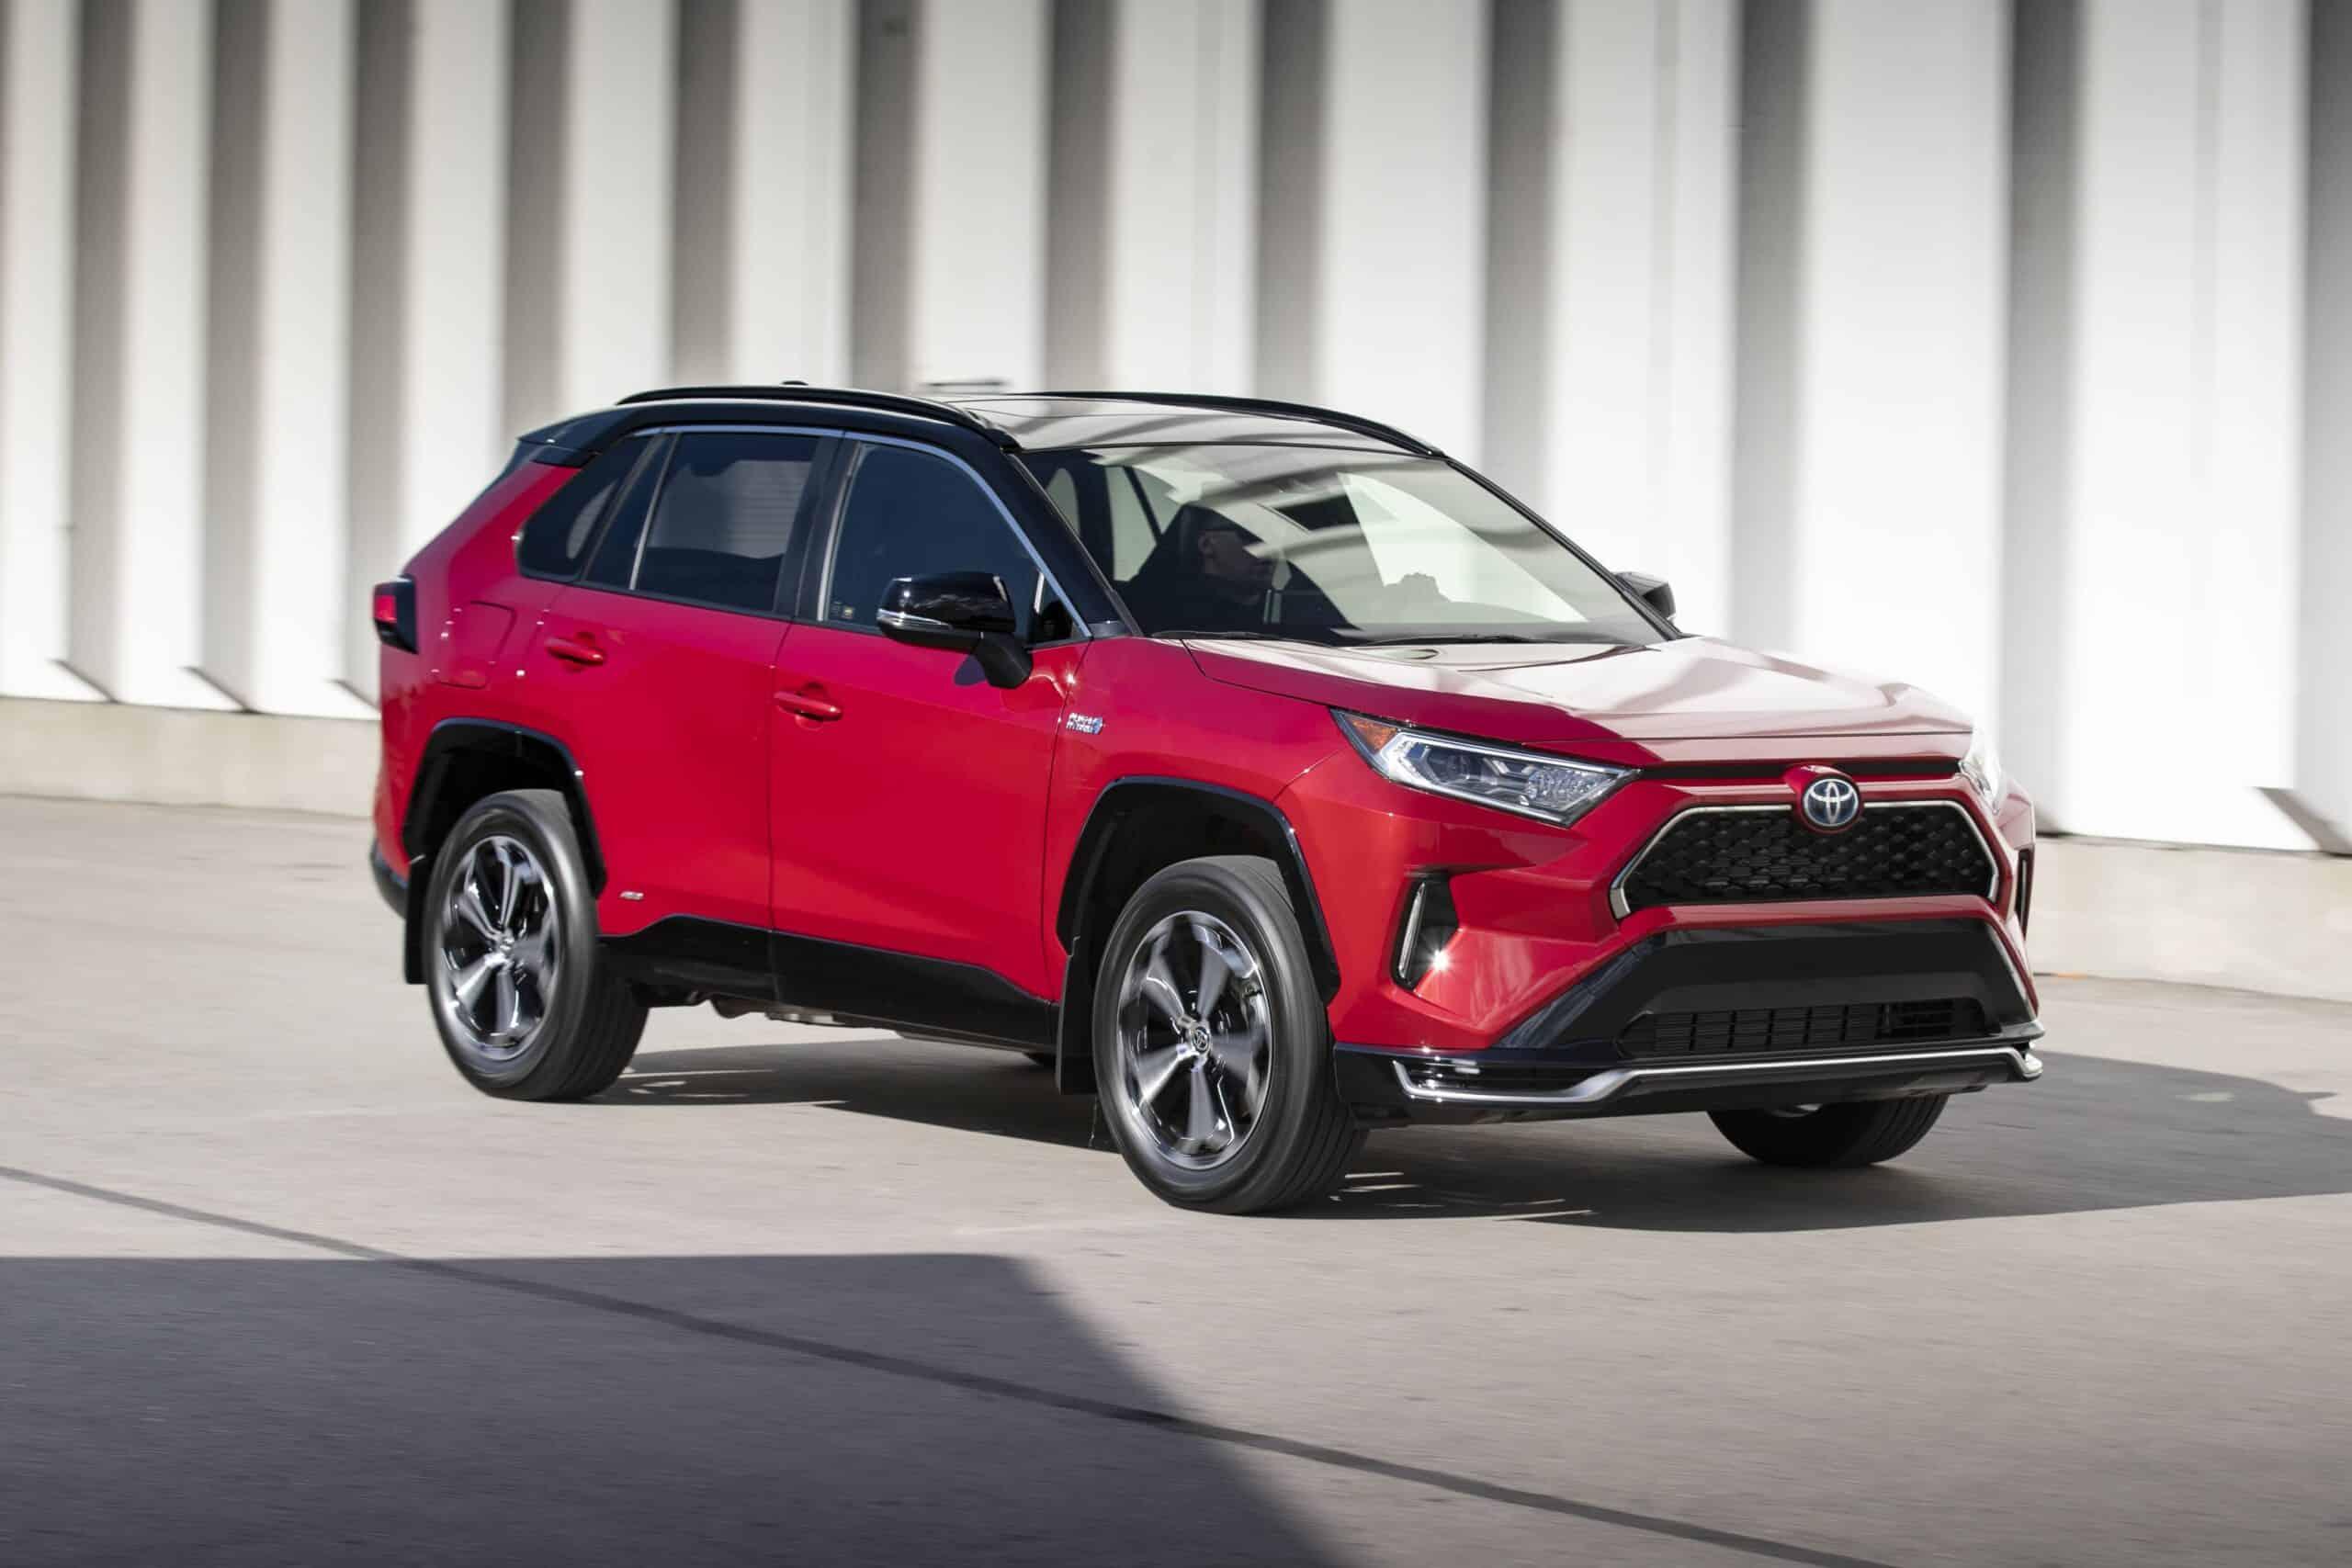 Vue avant du Toyota RAV4 Prime 2021 rouge